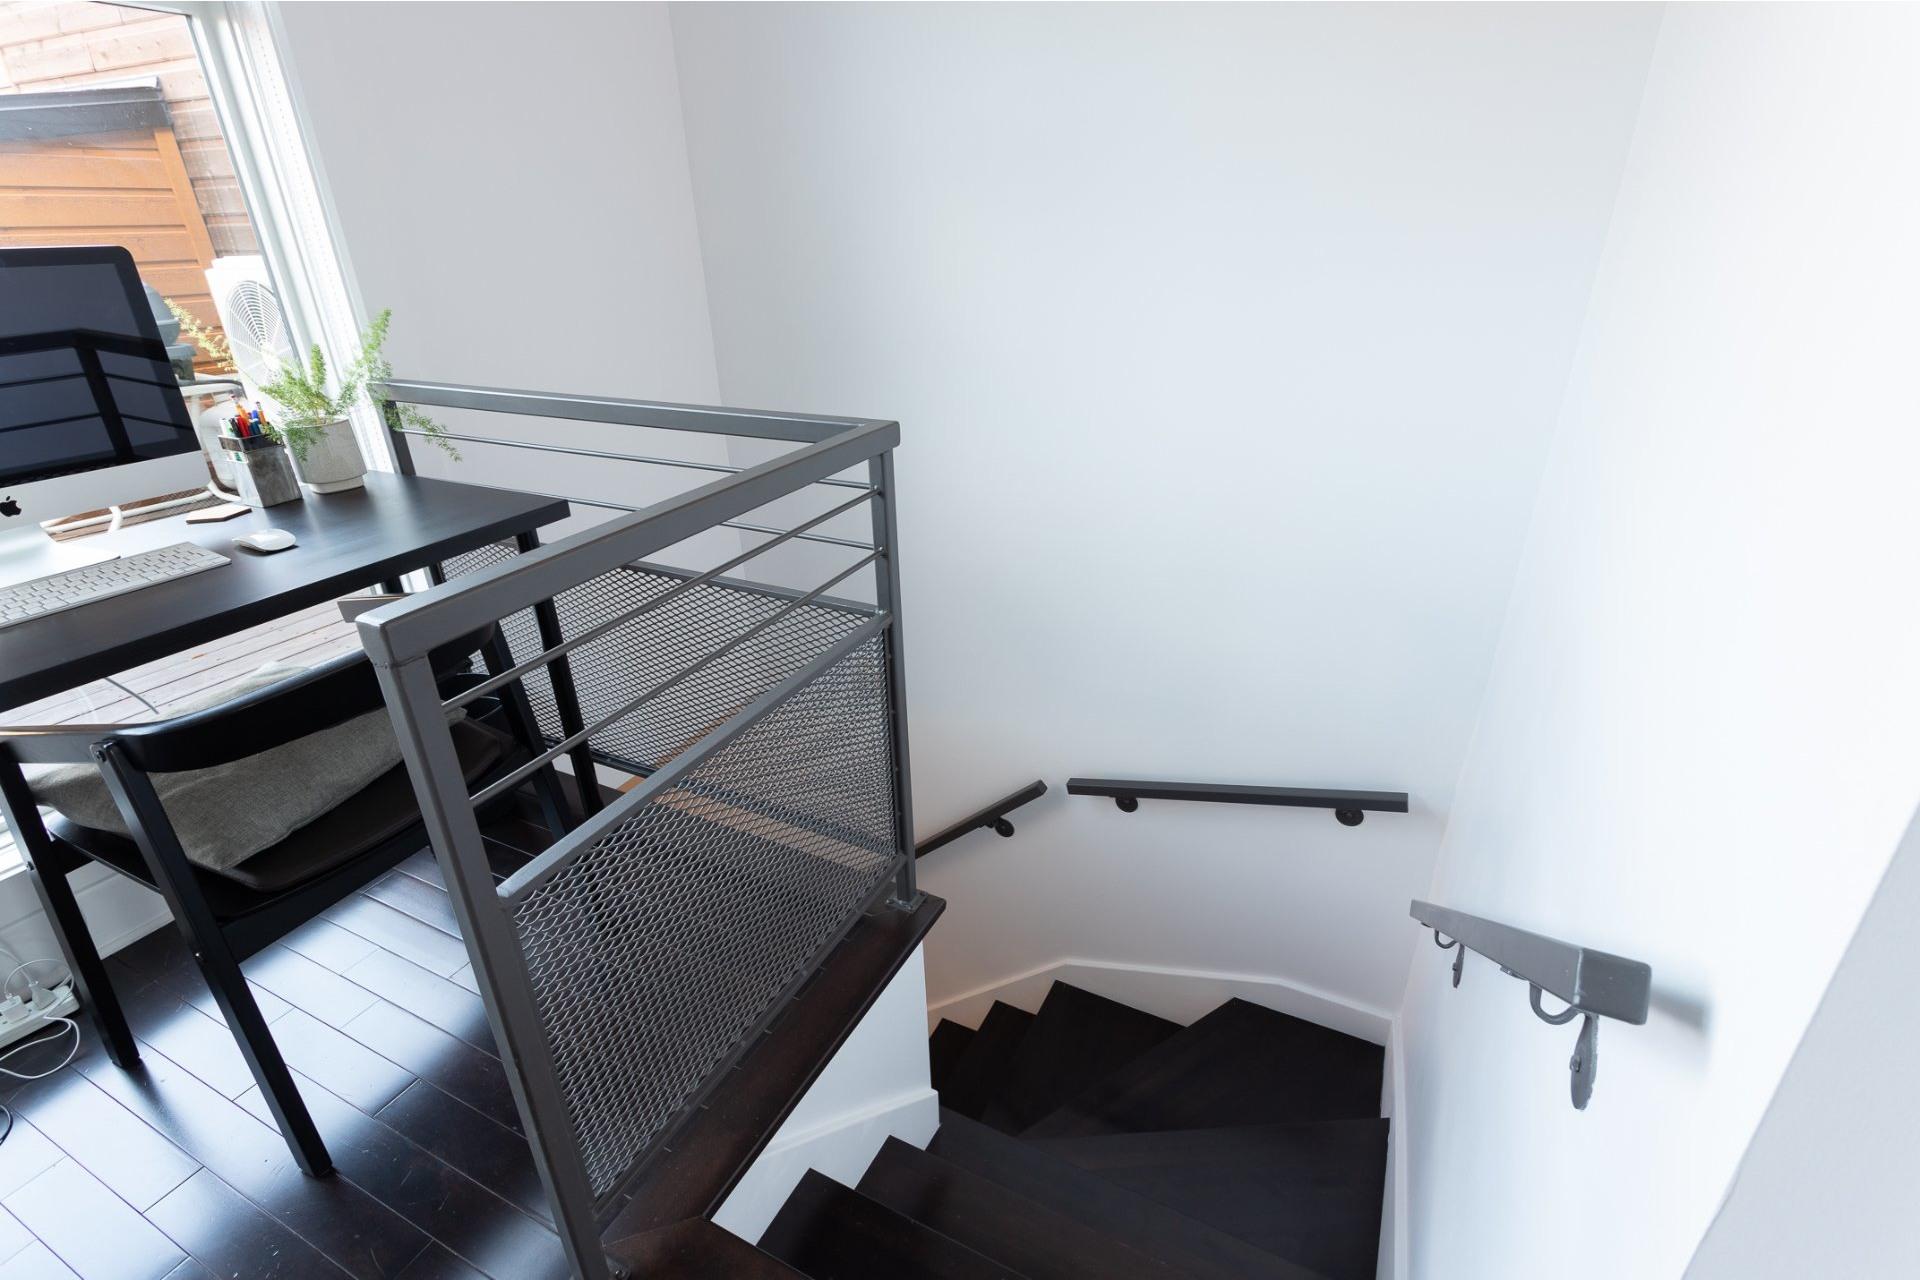 image 17 - Appartement À vendre Rosemont/La Petite-Patrie Montréal  - 5 pièces